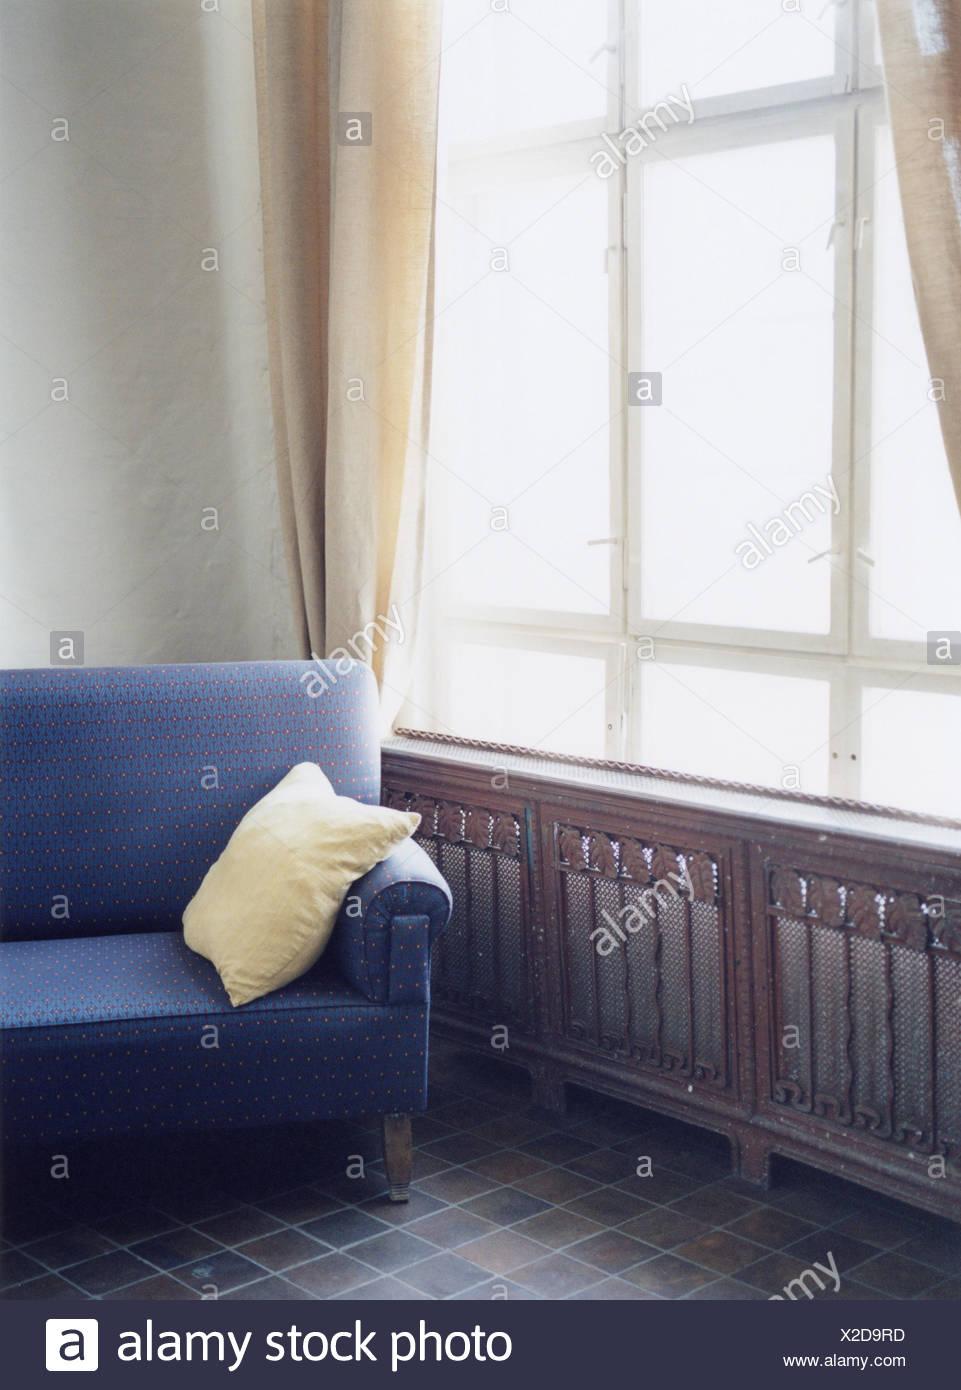 Leben Raum Fenster Sofa Blau Details Zu Hause Privat Zimmer